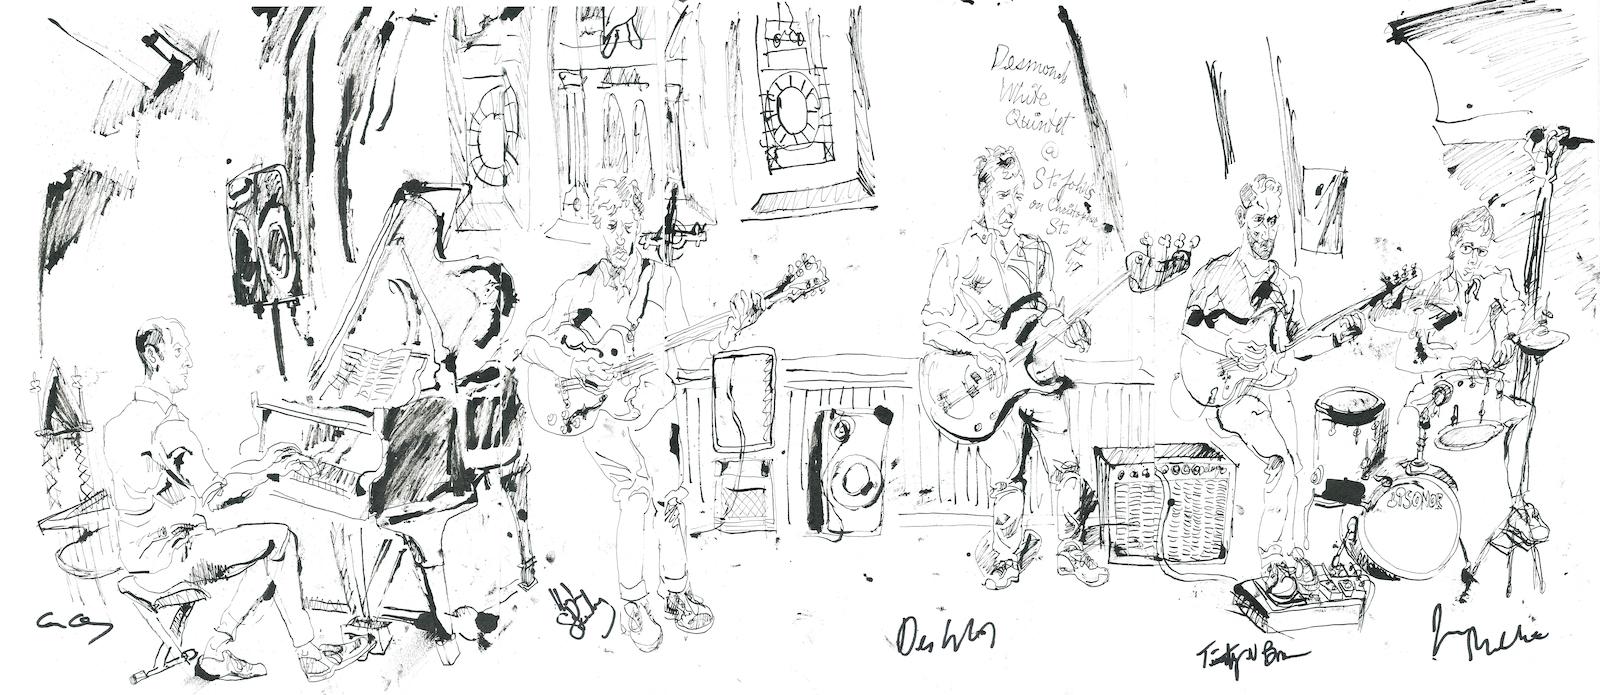 Desmond white quintet at st. john s on christopher street